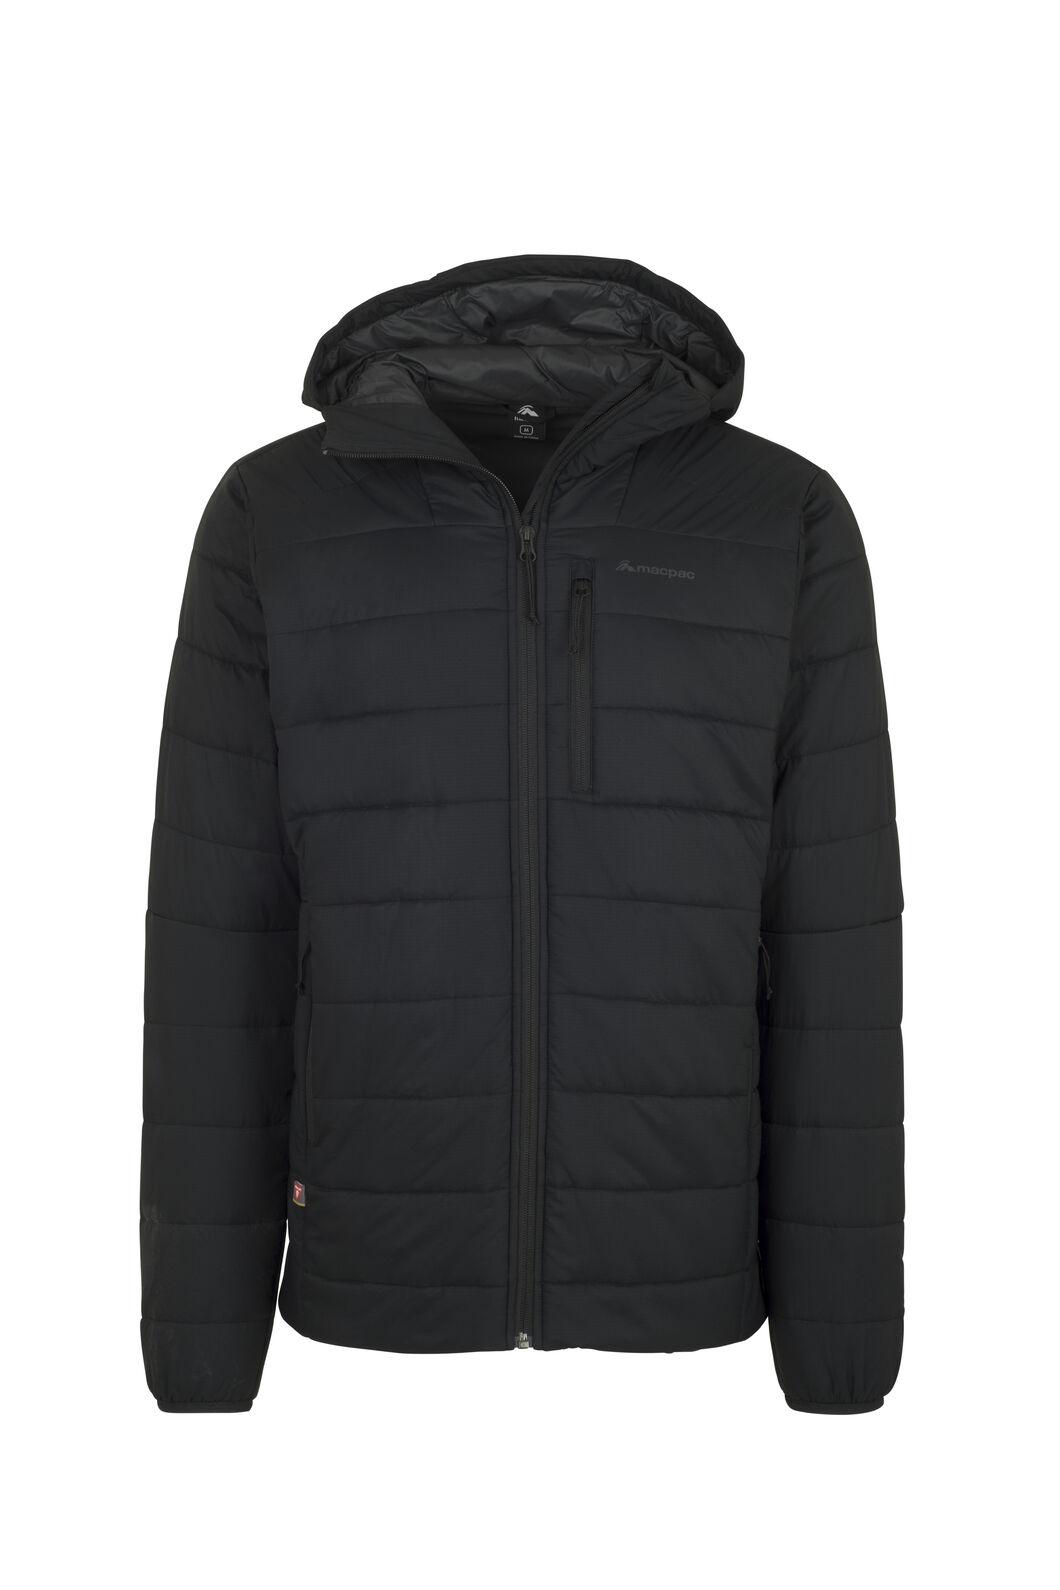 Macpac Southerly PrimaLoft® Jacket — Men's, Black, hi-res